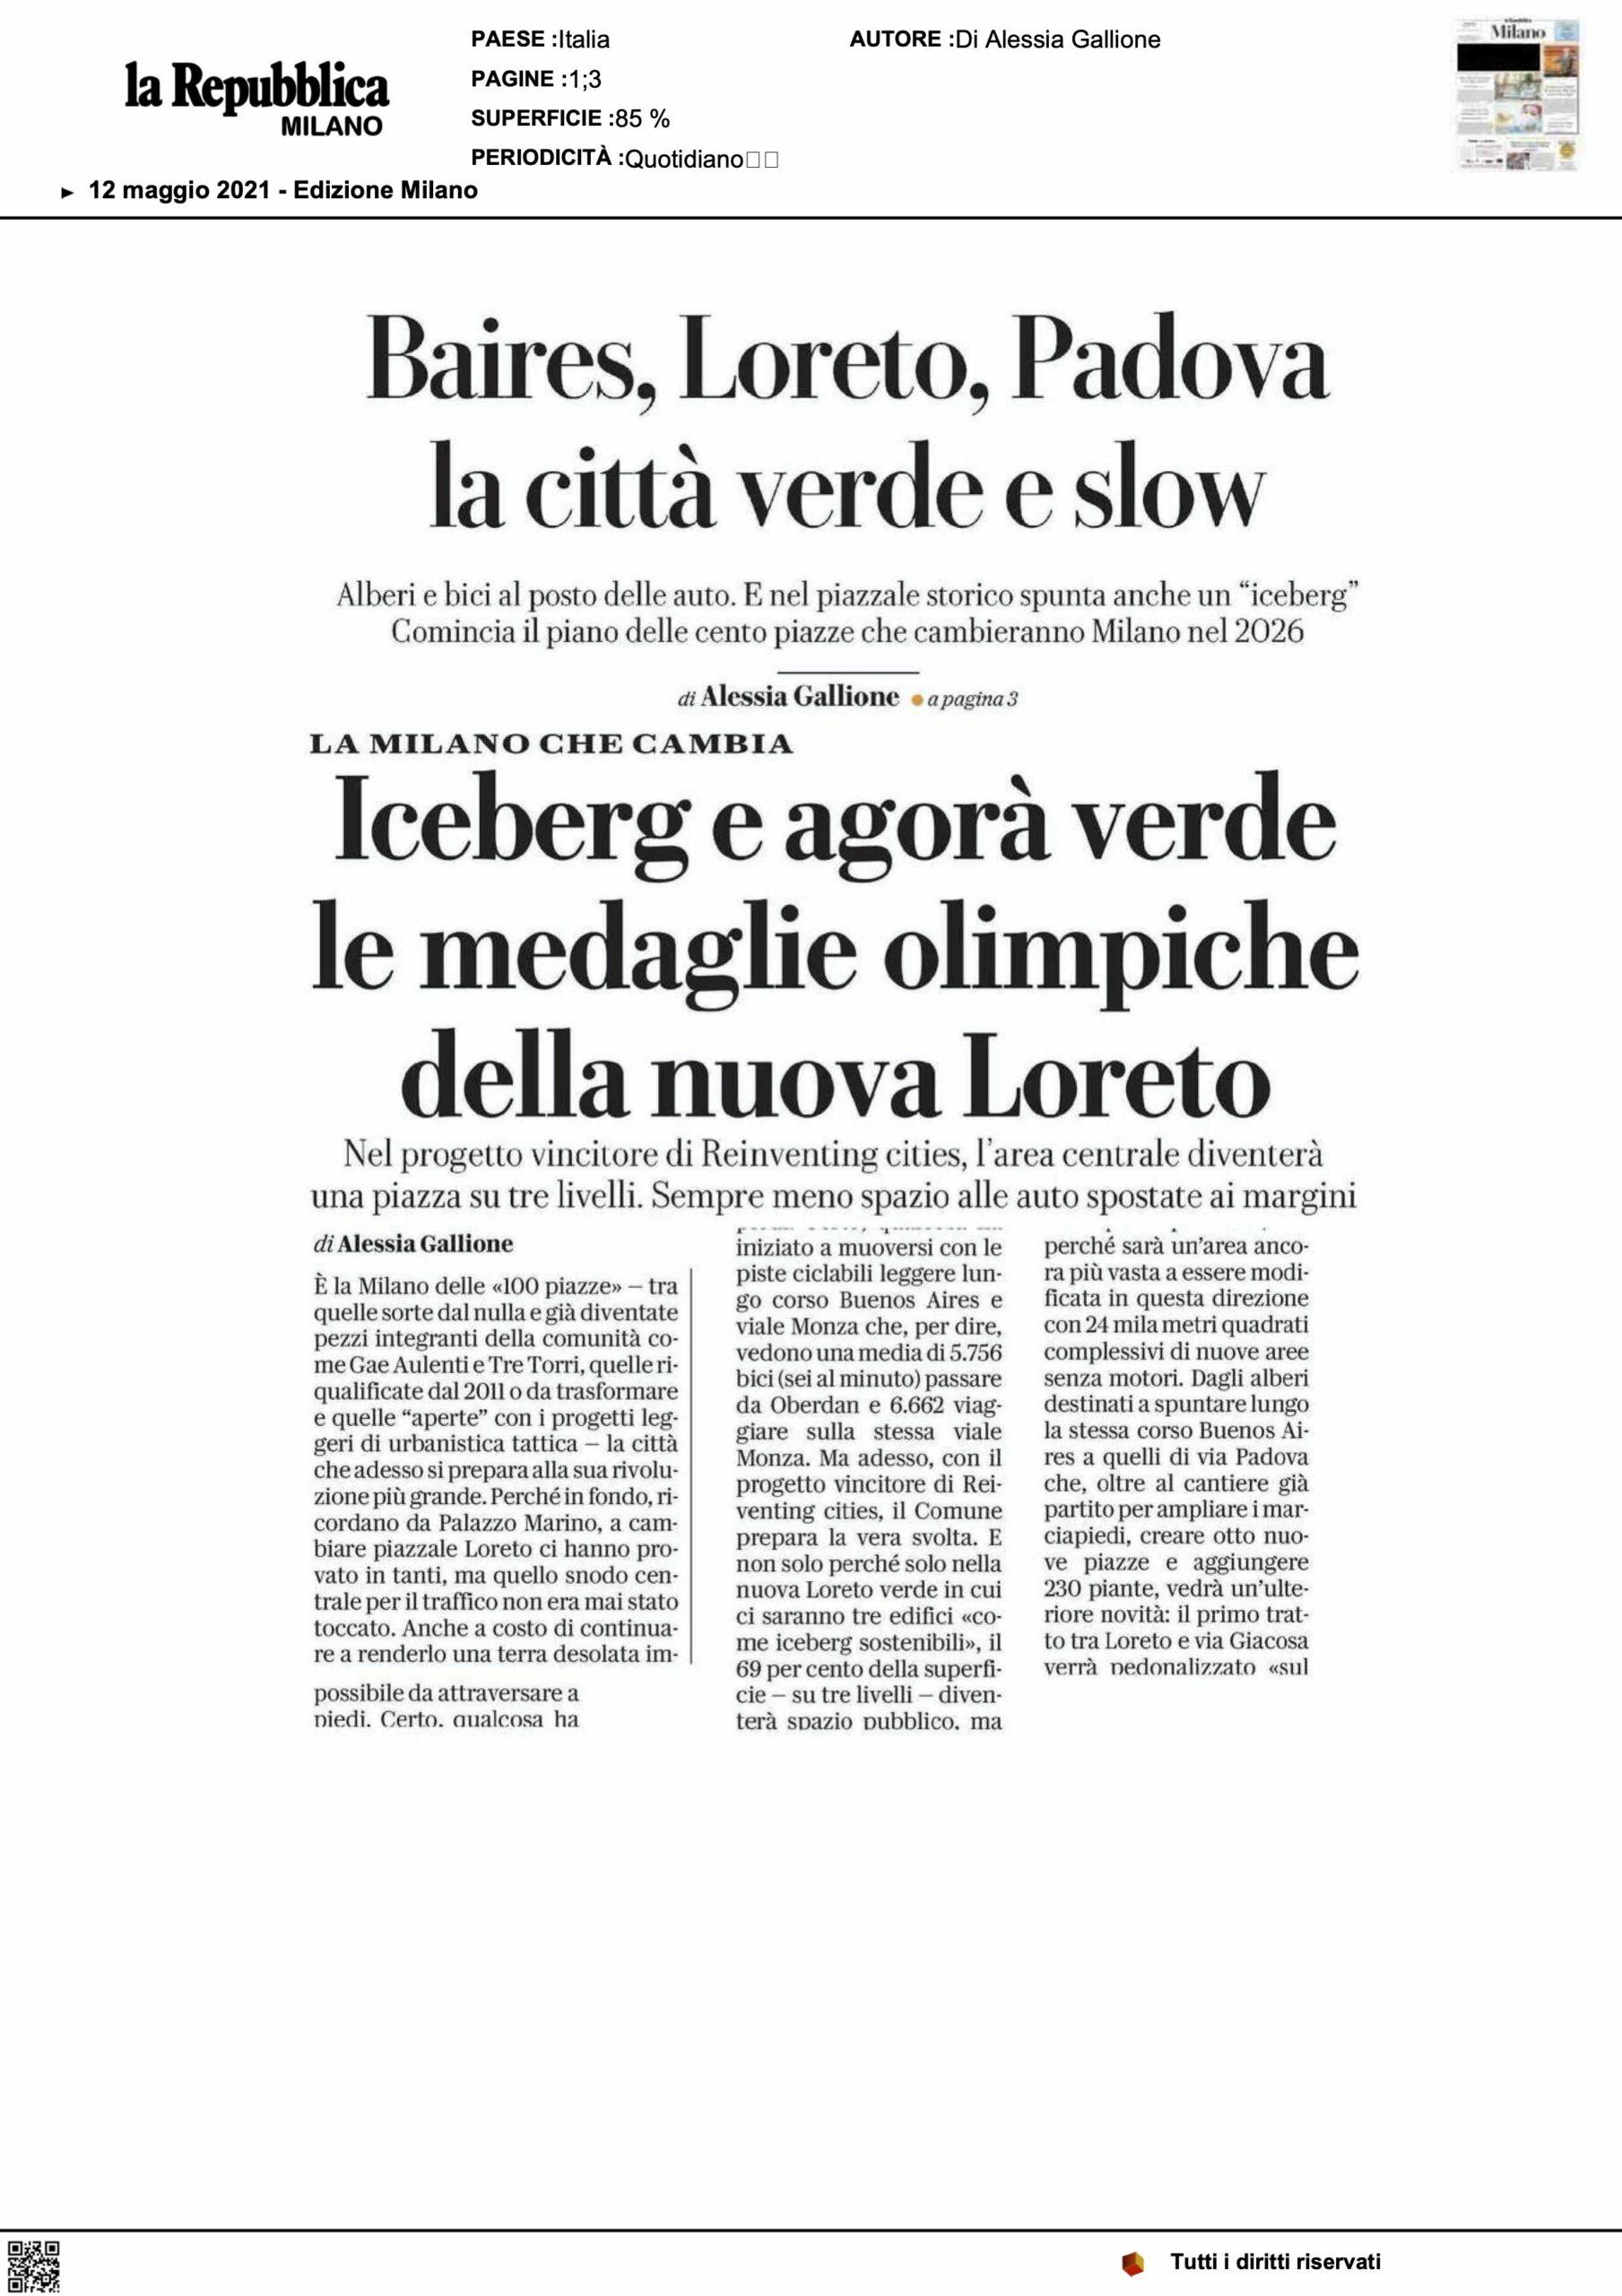 La_Repubblica_Milano_12 maggio 2021